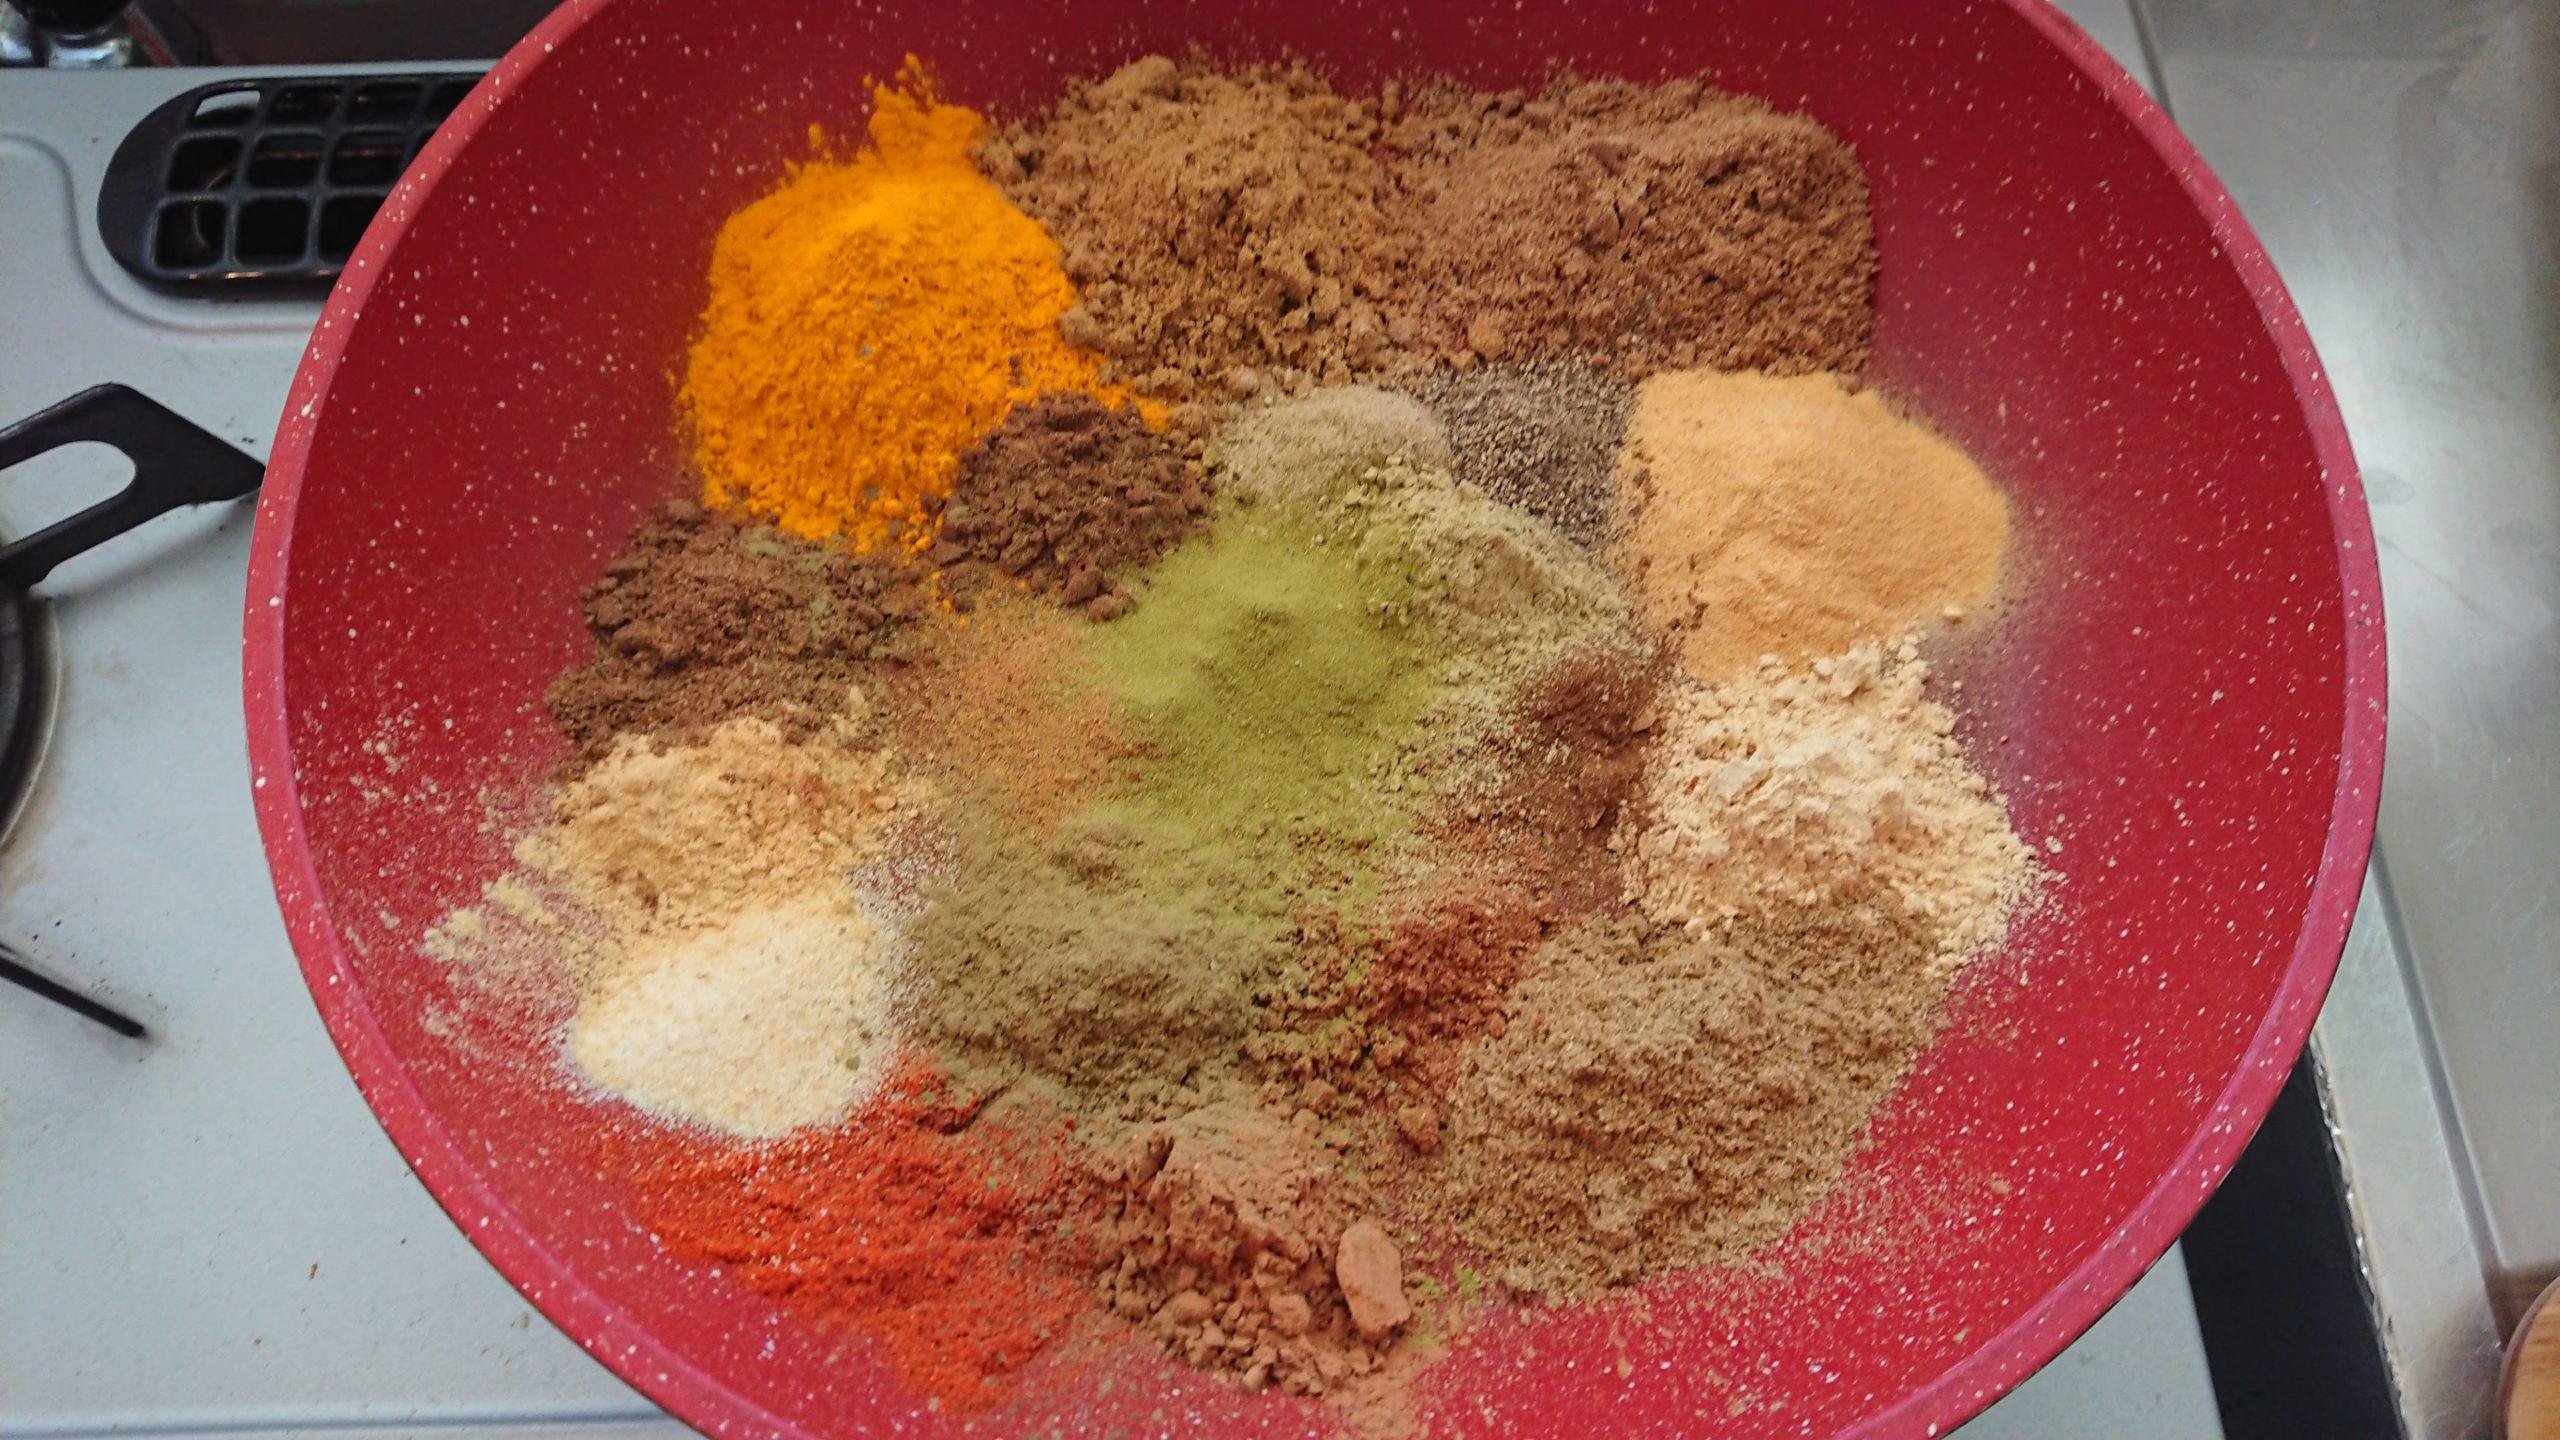 GABANのカレー粉セットでカレーをスパイスから作ってみる